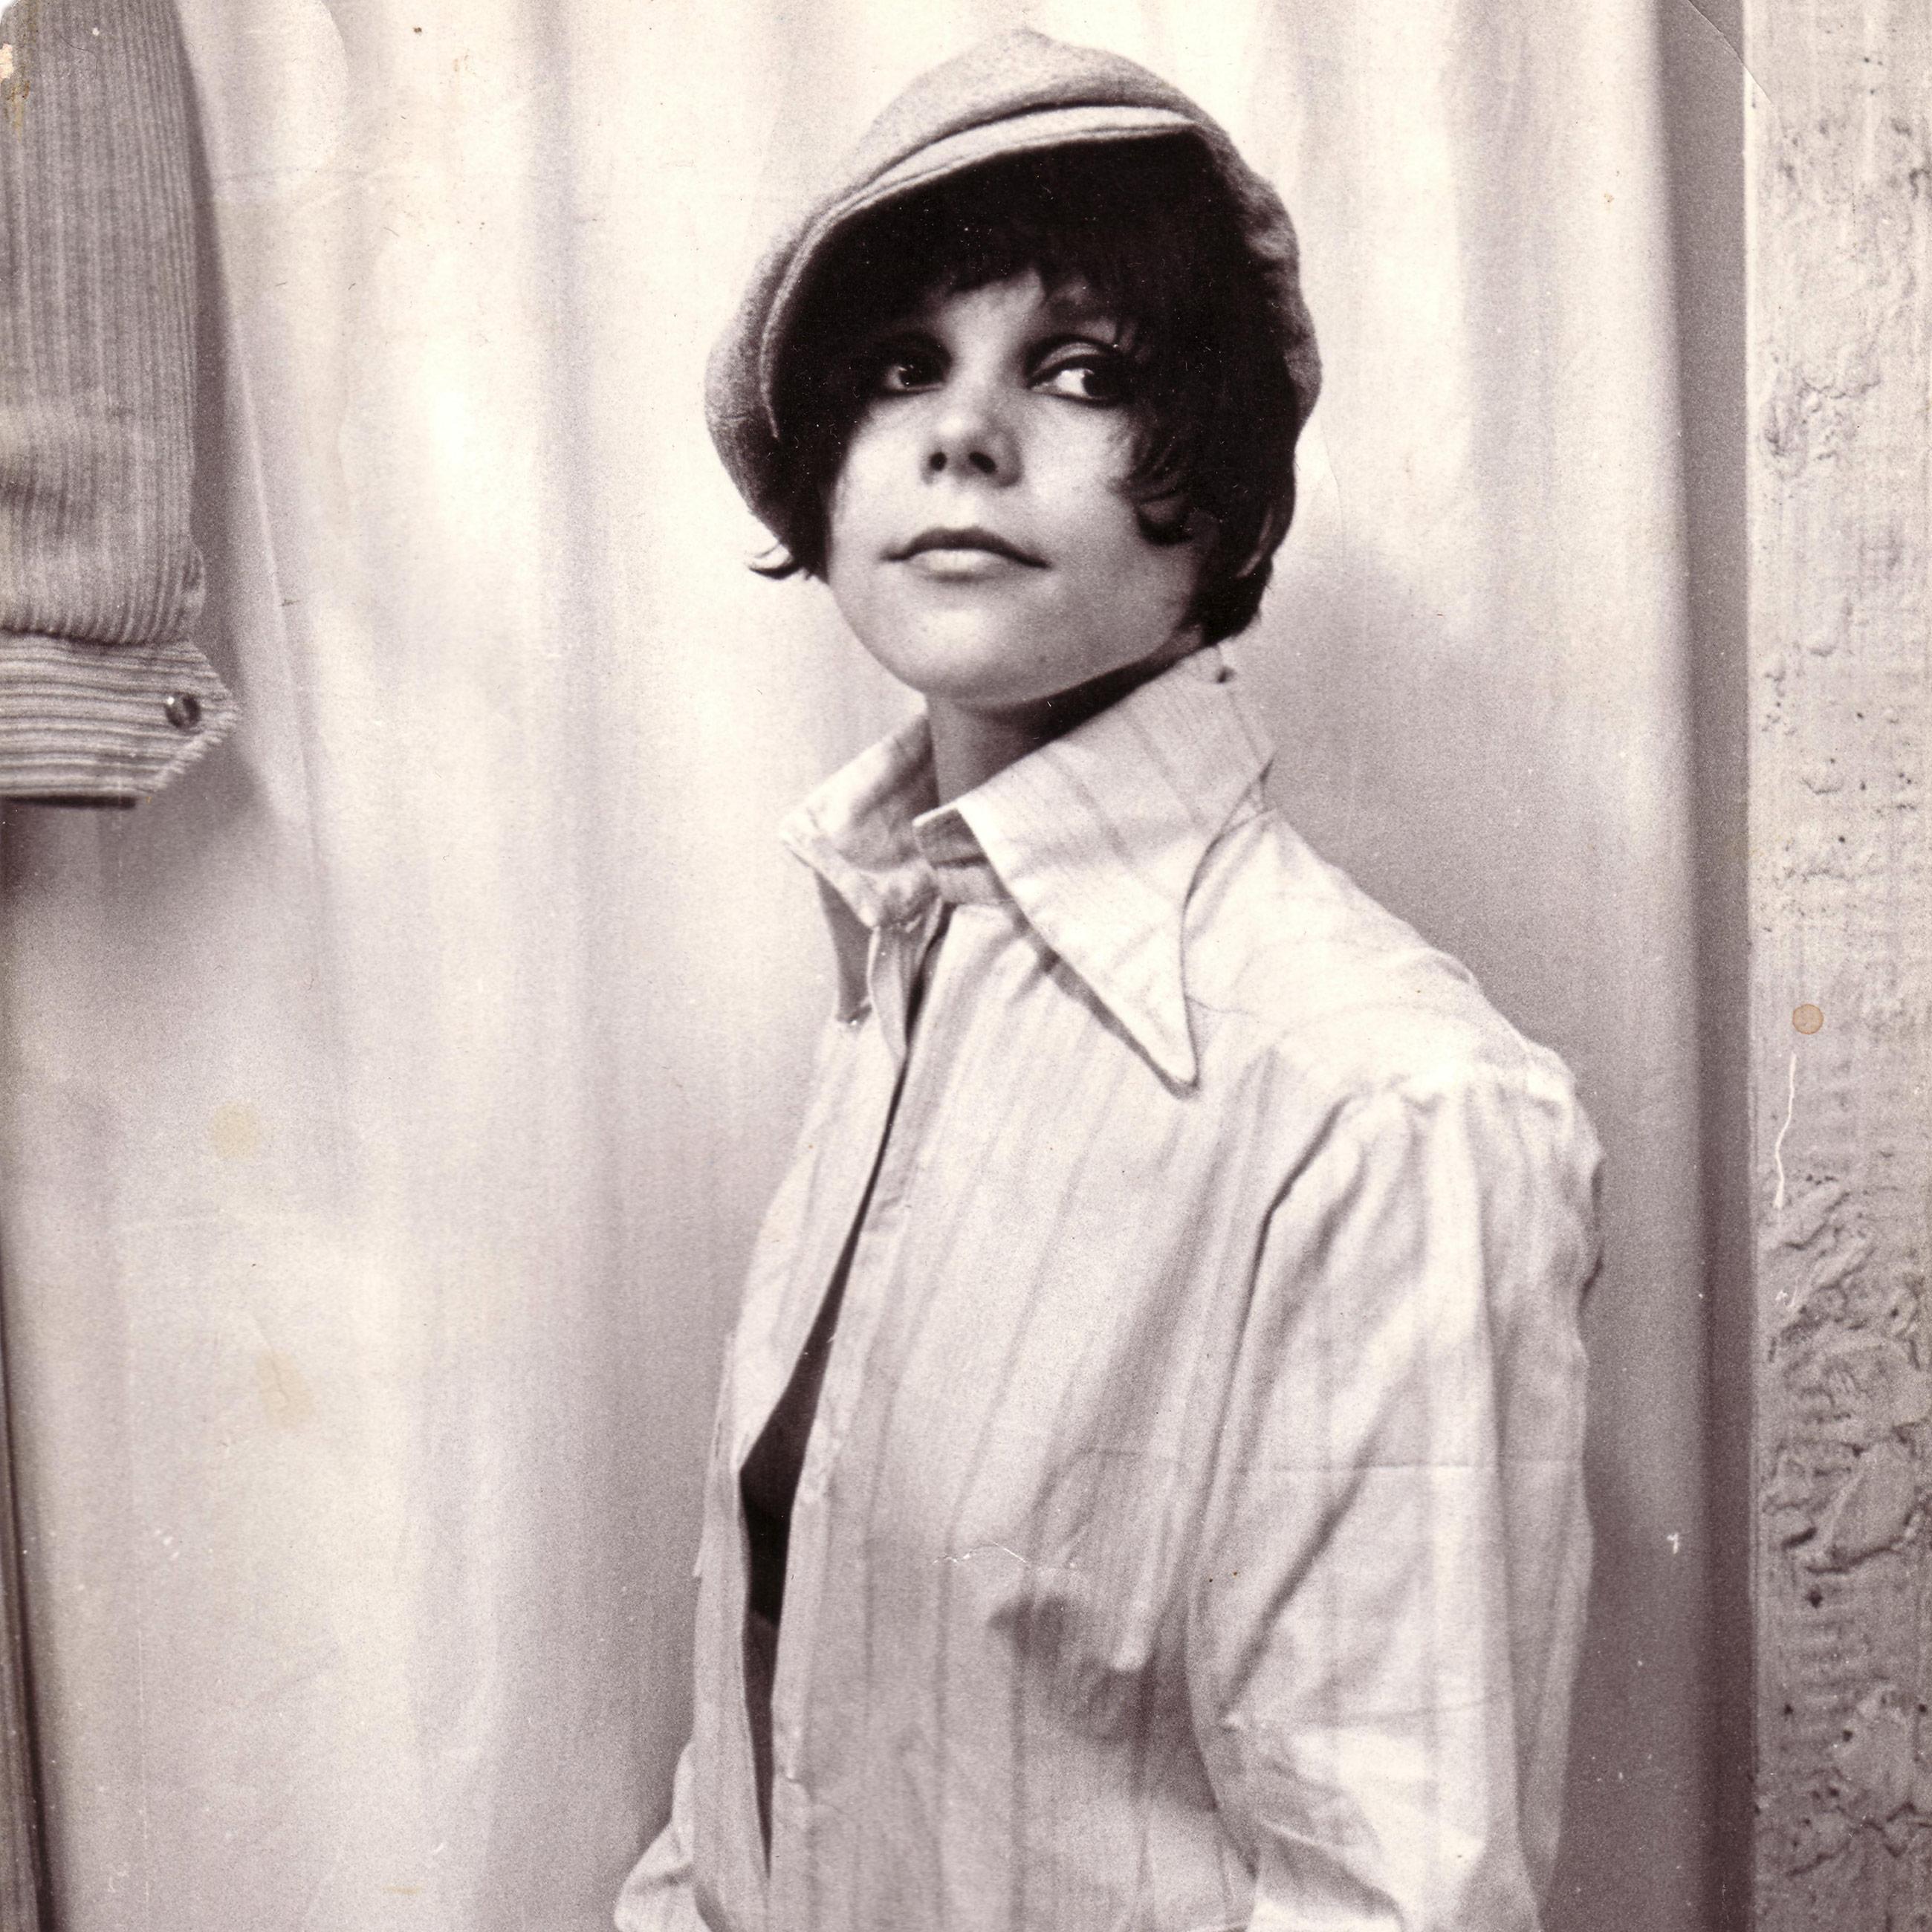 Una foto de la leyenda del cannabis Mila Jansen, tomada en 1967. Mila lleva el pelo corto, un corte que estaba de moda en aquellos días, y lleva una gorra y una camisa masculina.